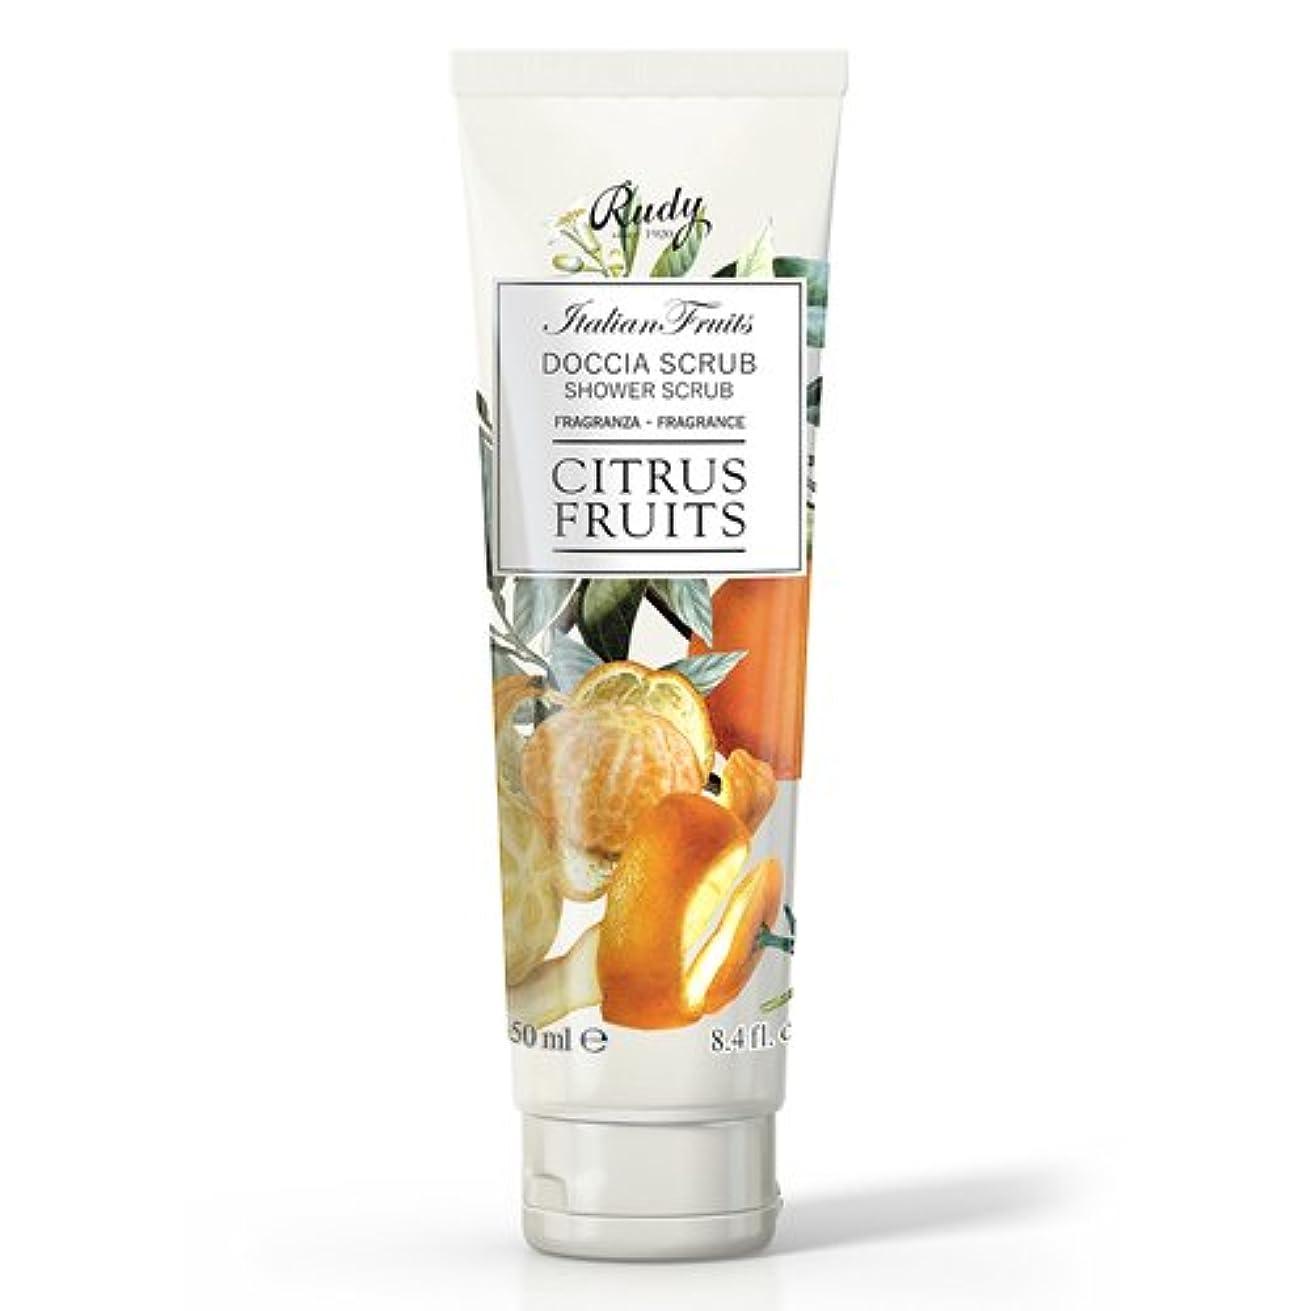 上院議員答えフィドルRUDY Italian Fruits Series ルディ イタリアンフルーツ Shower Scrub シャワースクラブ Citrus Fruits